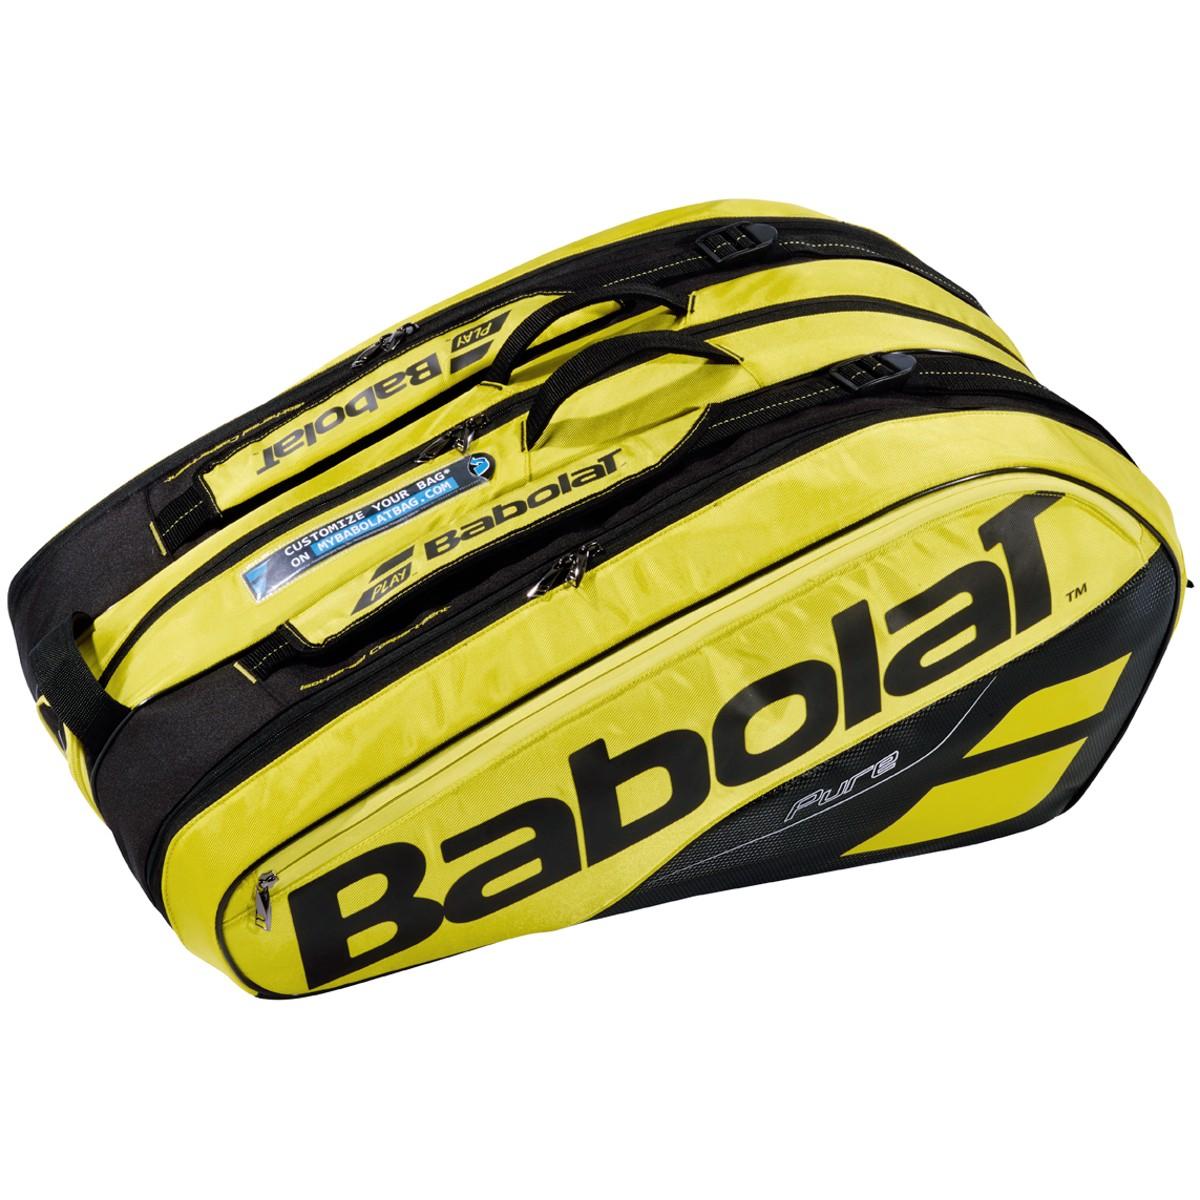 2019年Newモデル! バボラ 2019 ピュアアエロ(12本) ラケットバッグ Babolat Pure Aero Racket Bag